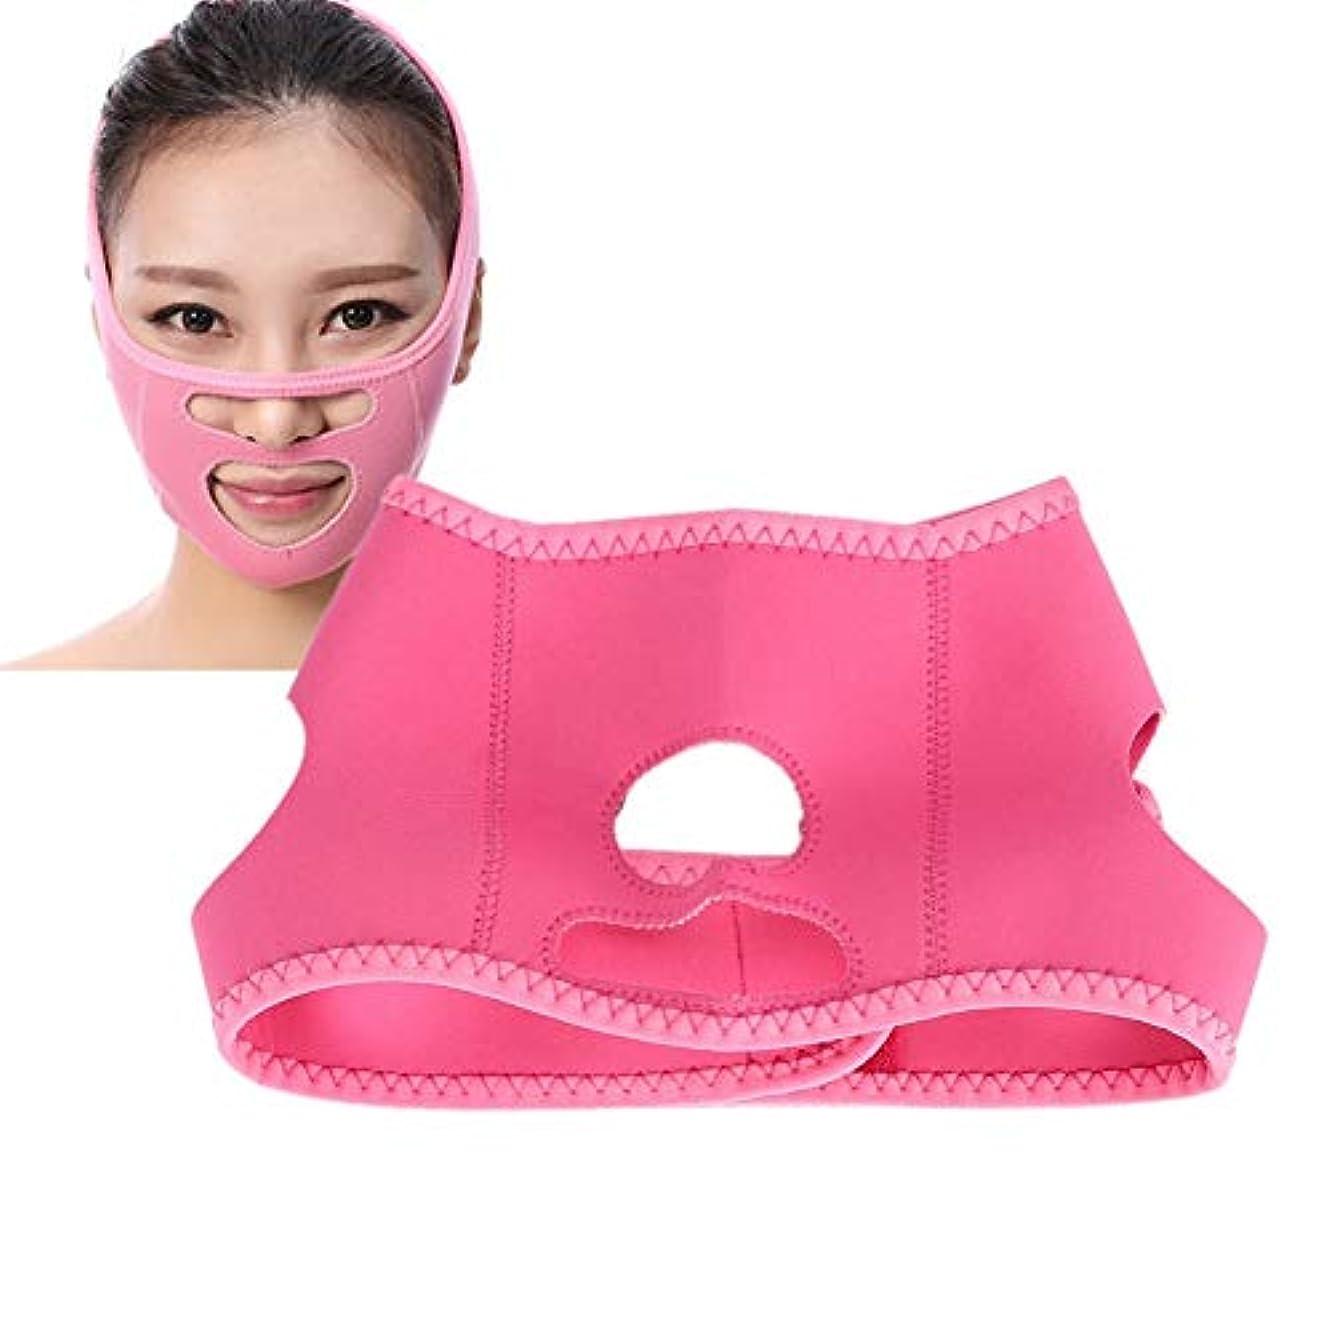 願望バスタブ審判フェイスマスク 低反発素材 通気 小顔 矯正 顔痩せ 筋肉弛緩 二重あご 補正ベルト